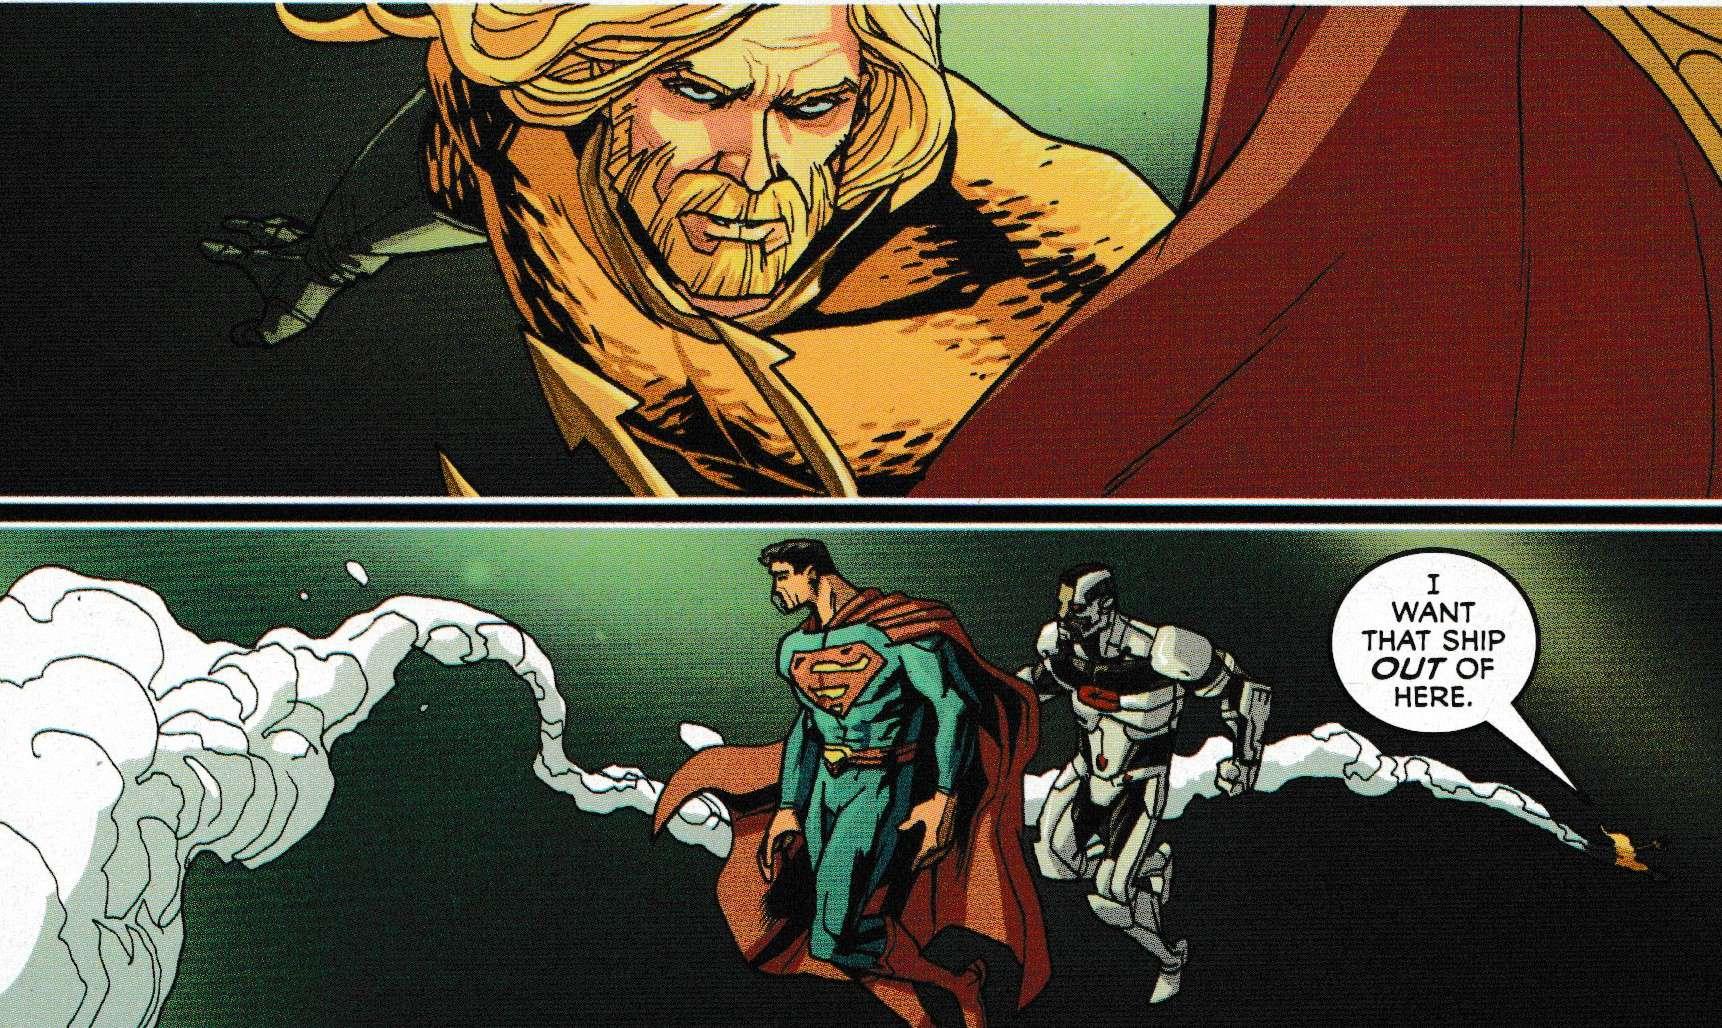 Aquaman pissed